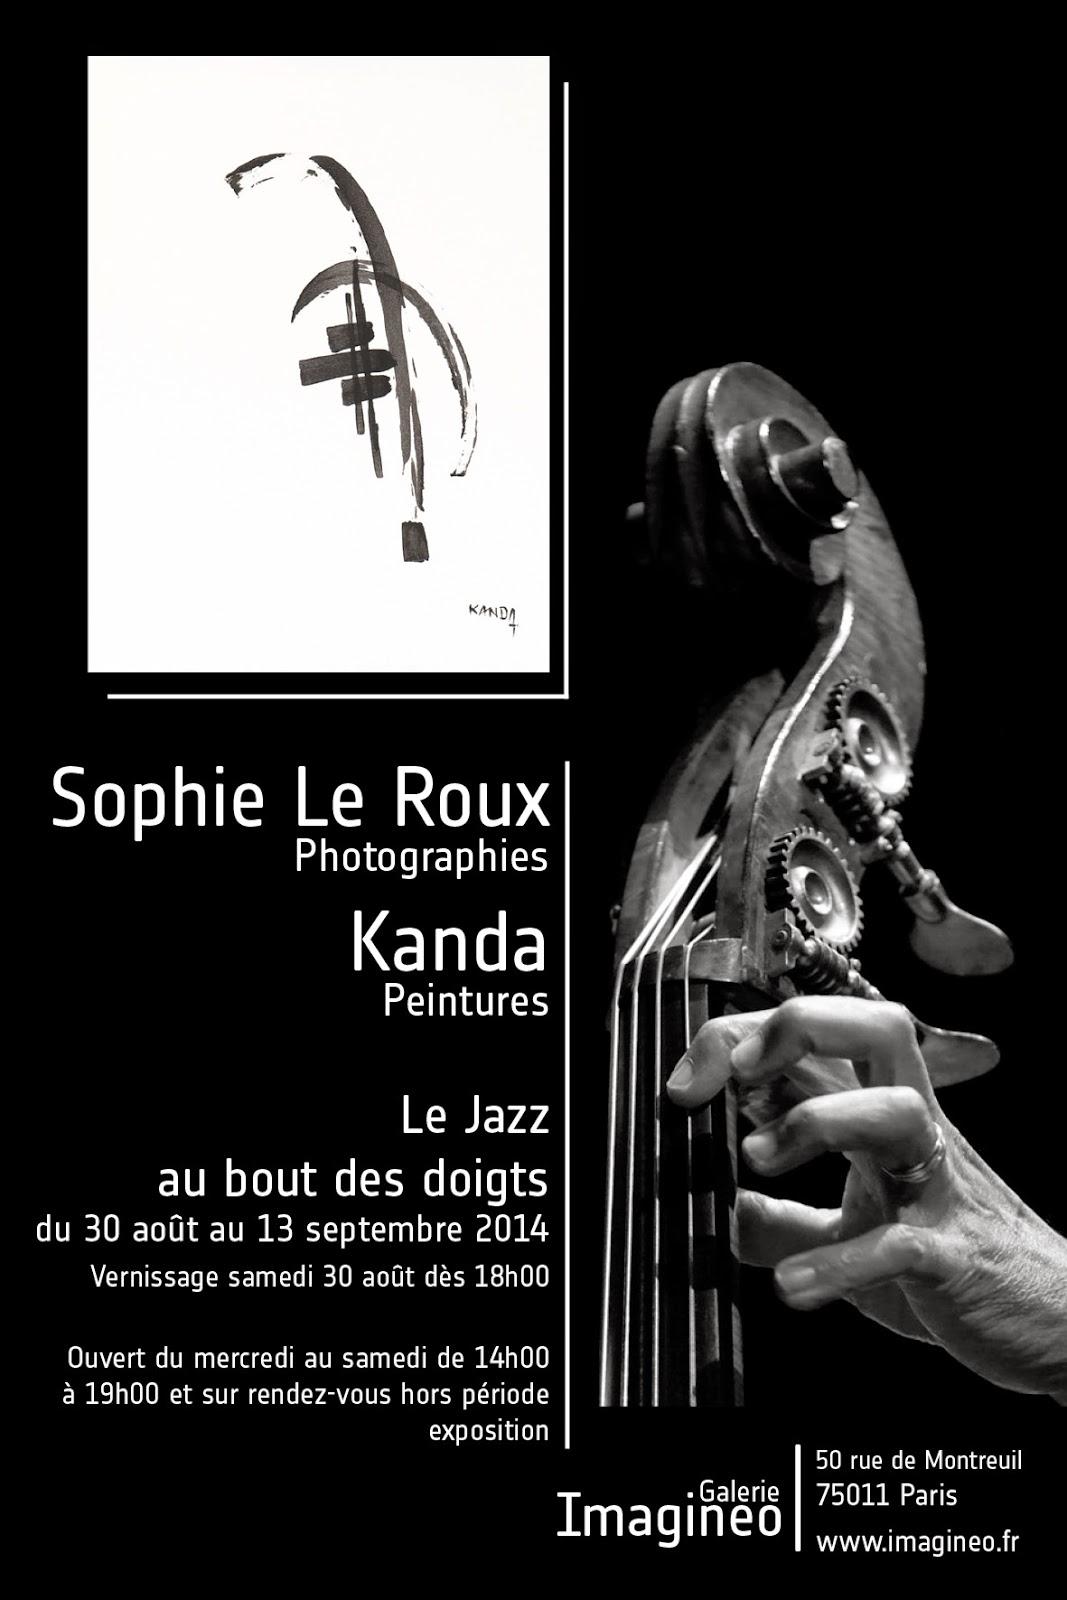 Sophie Le Roux - Affiche de l'exposition Le jazz au bout des doigts a la galerie Imagineo - Paris, 2014